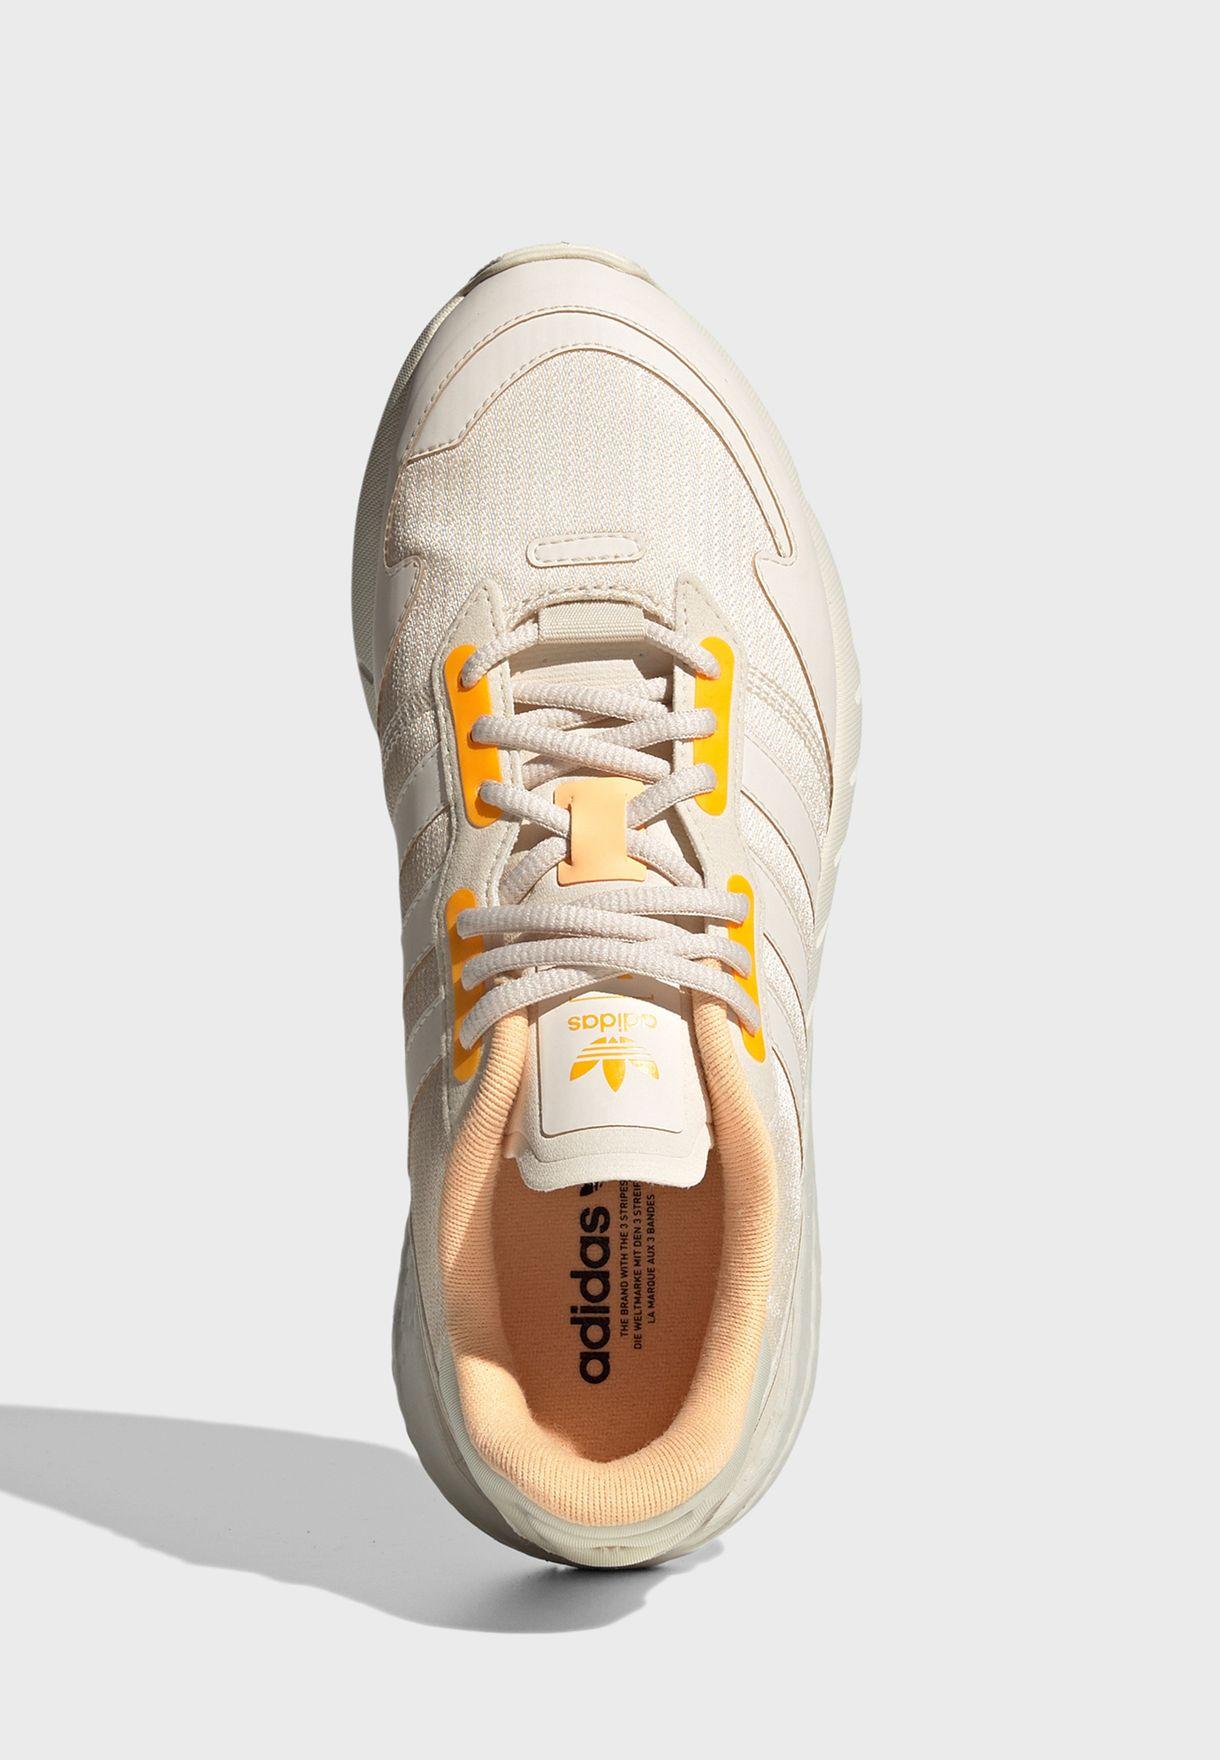 حذاء او اكس 1 كيه بوست